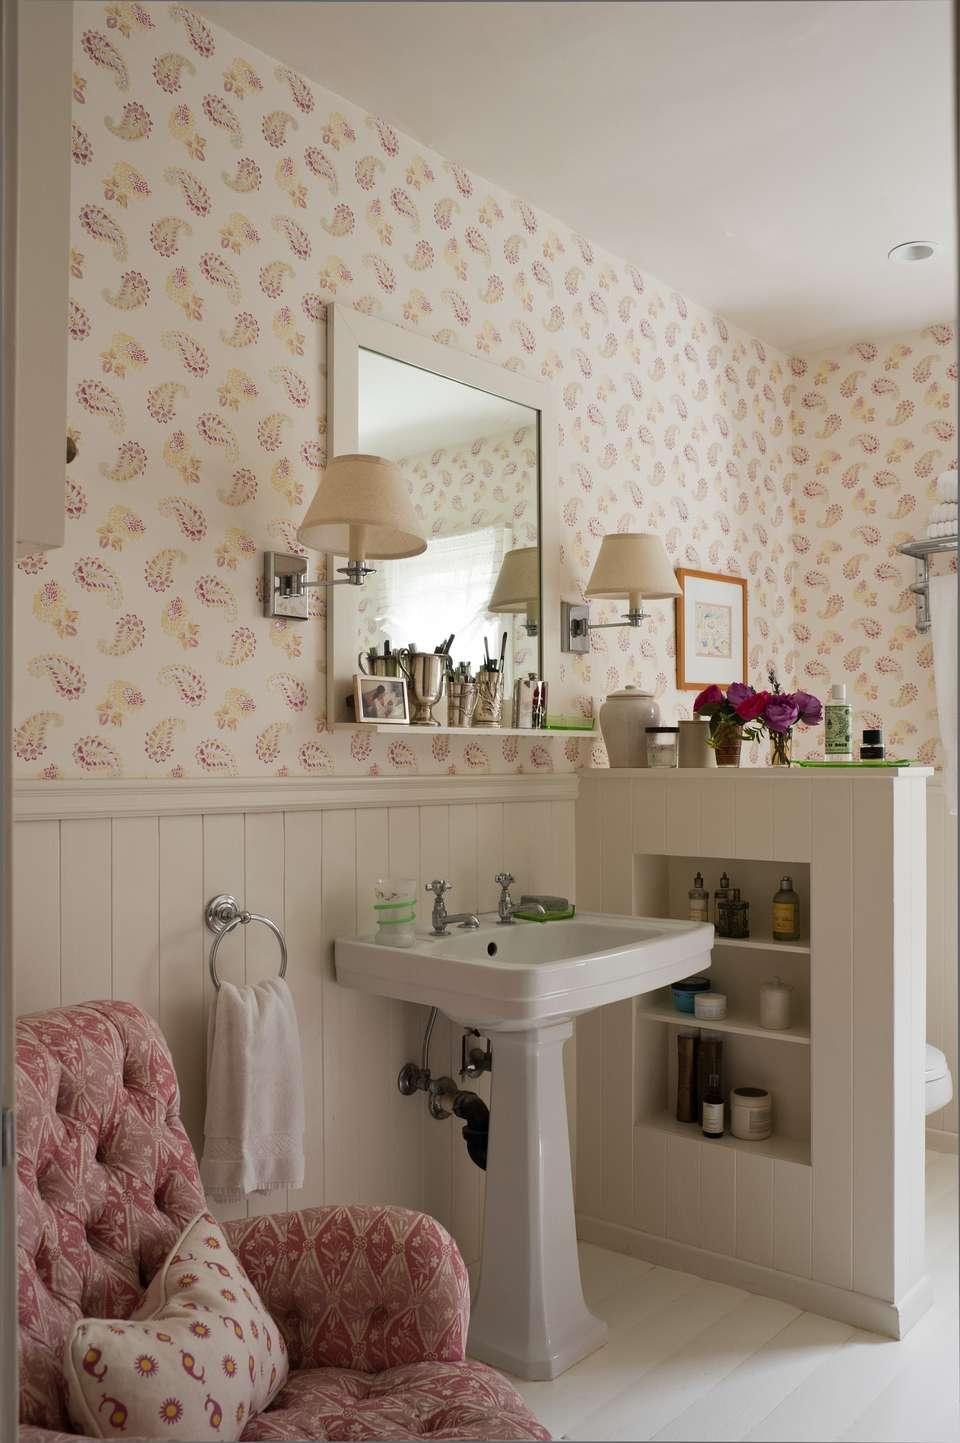 Baño de estilo vintage rosa